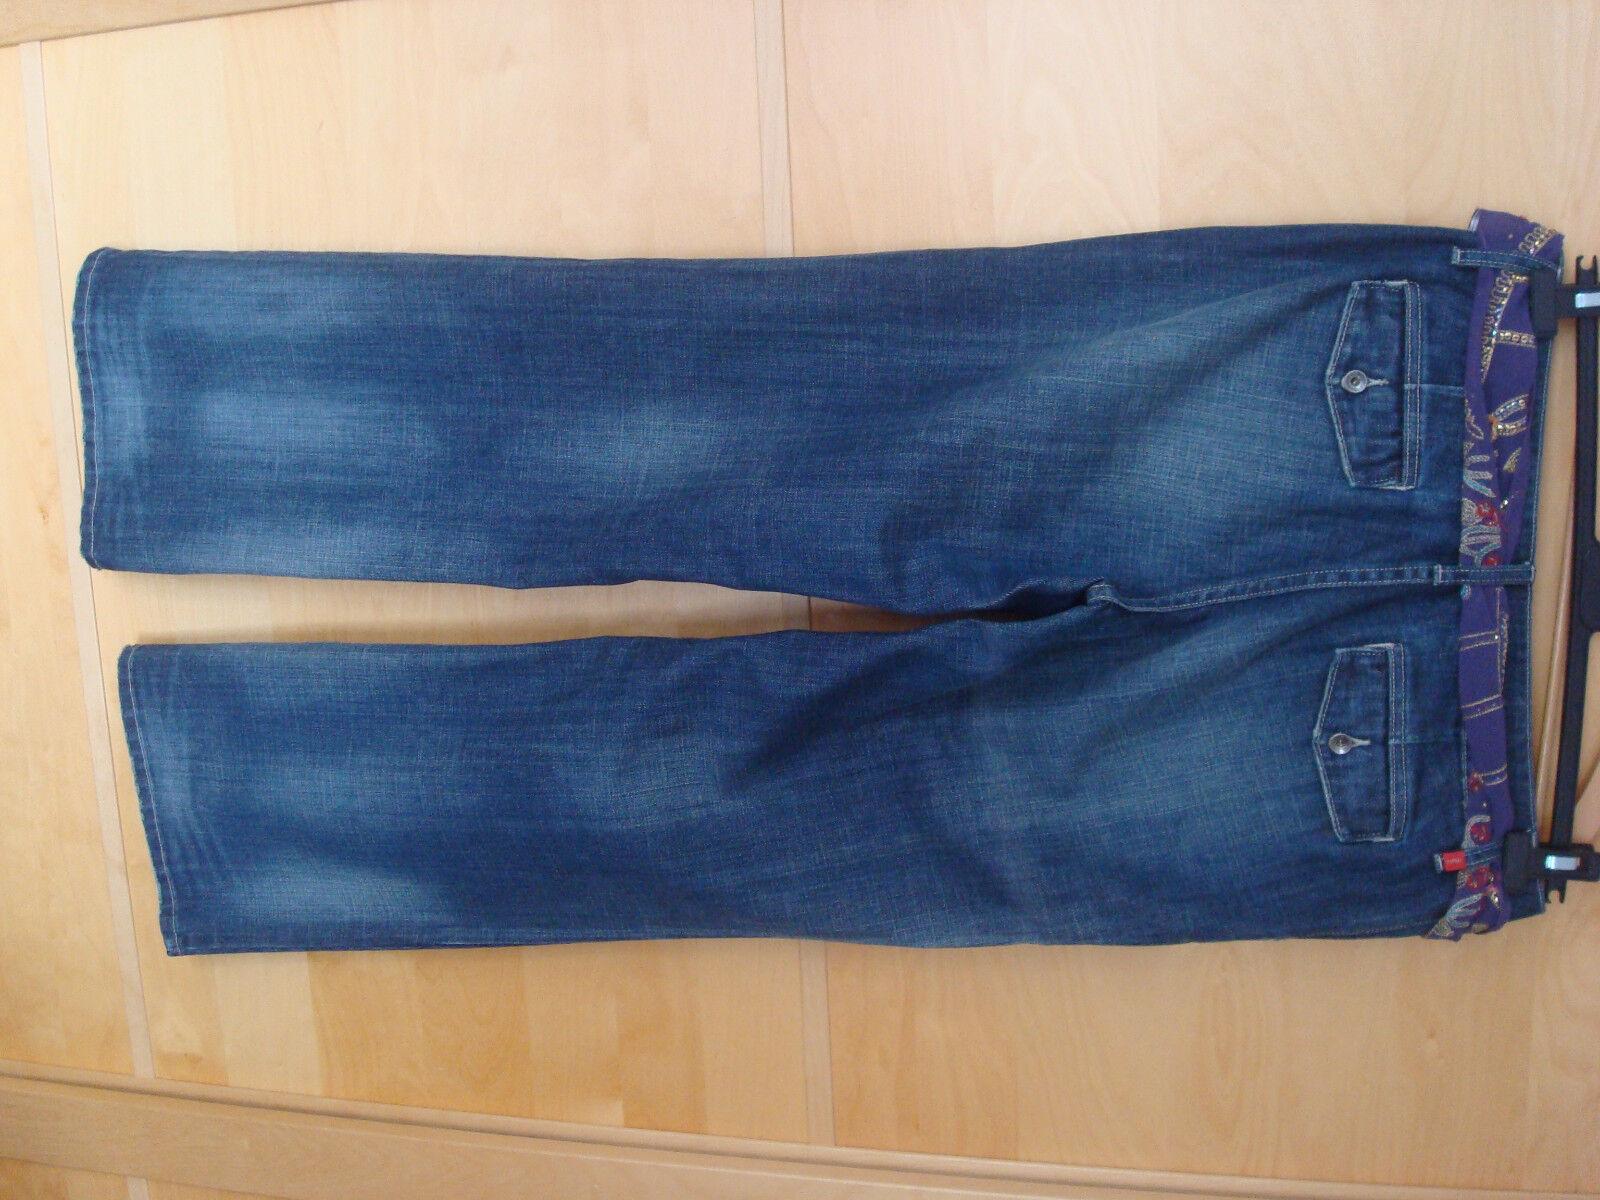 Esprit Jeans Hose blau Gr. 40   Angenehmes Gefühl  Gefühl  Gefühl    Online-Exportgeschäft    Verkauf    Online-verkauf    Günstige Bestellung  5ddca8